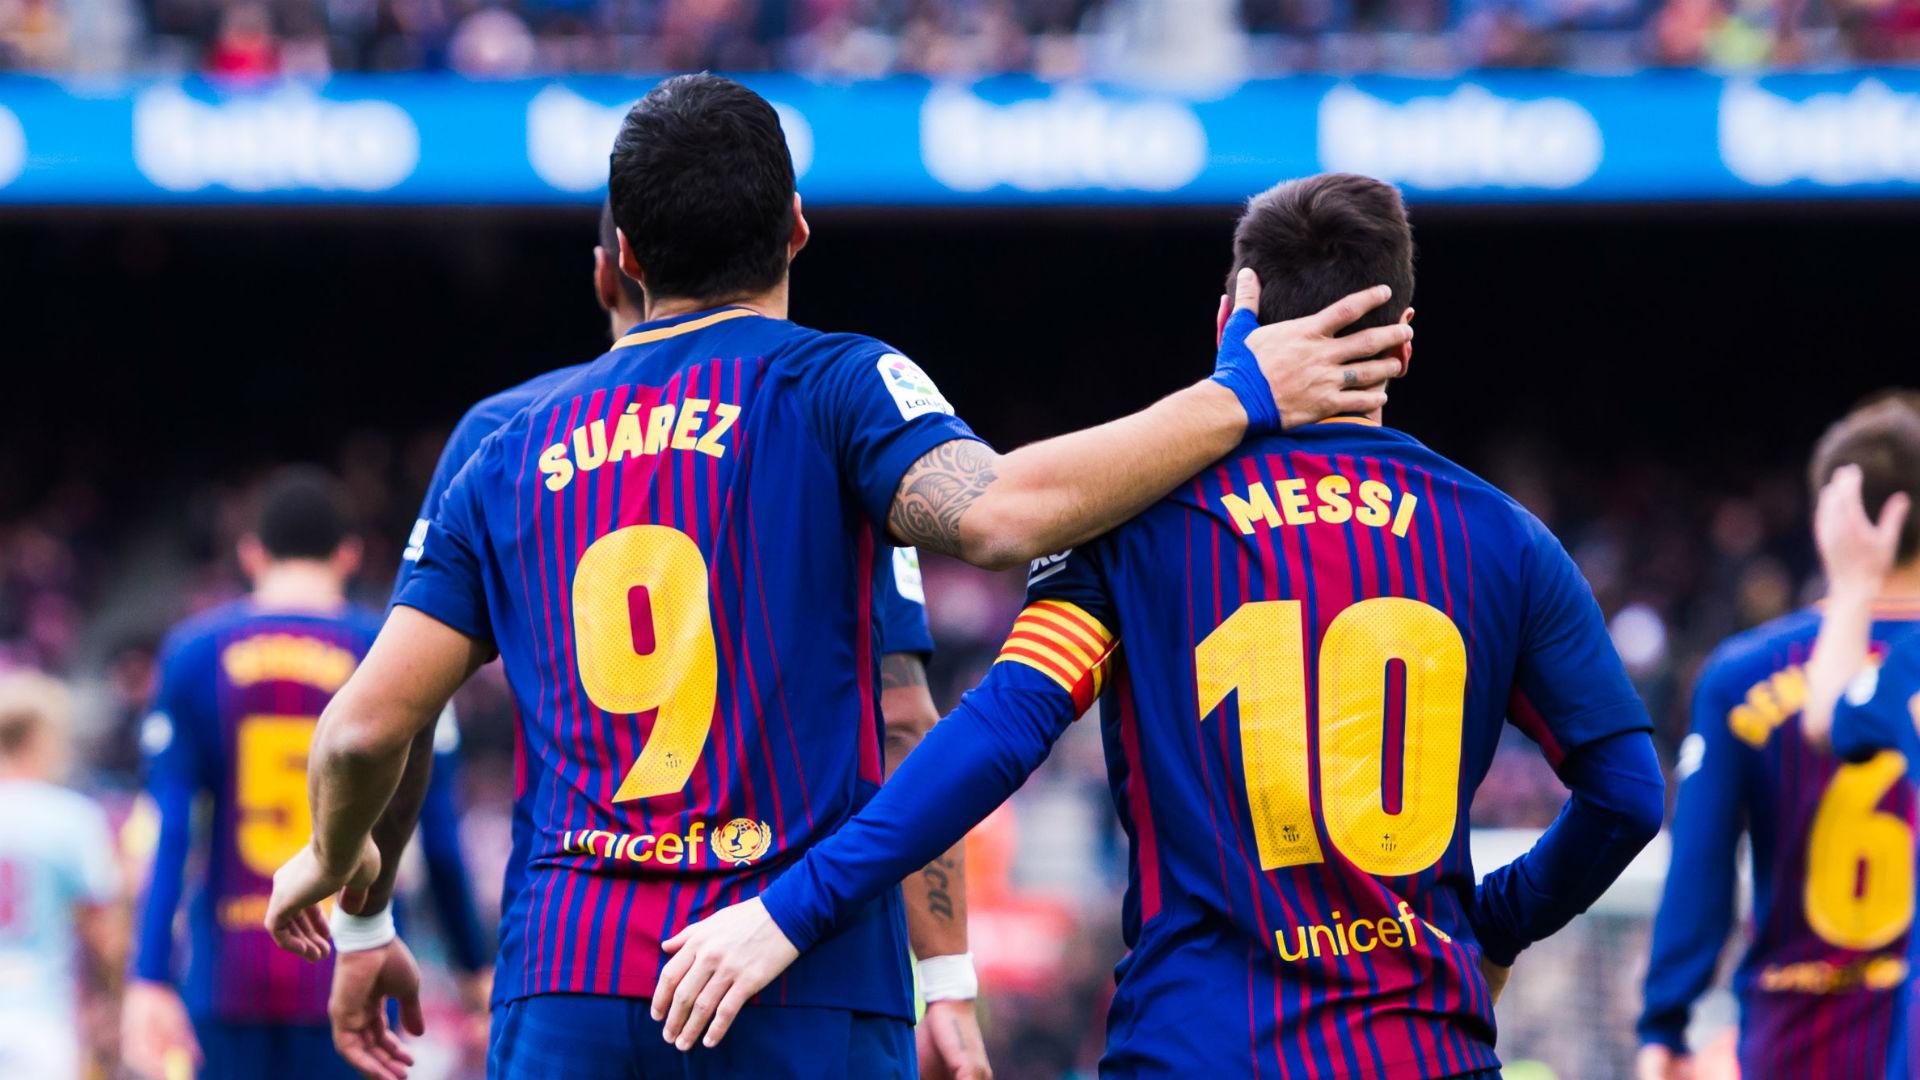 Messi e Suárez de costas e abraçados após a comemoração de um gol pela La Liga (Campeonato Espanhol)